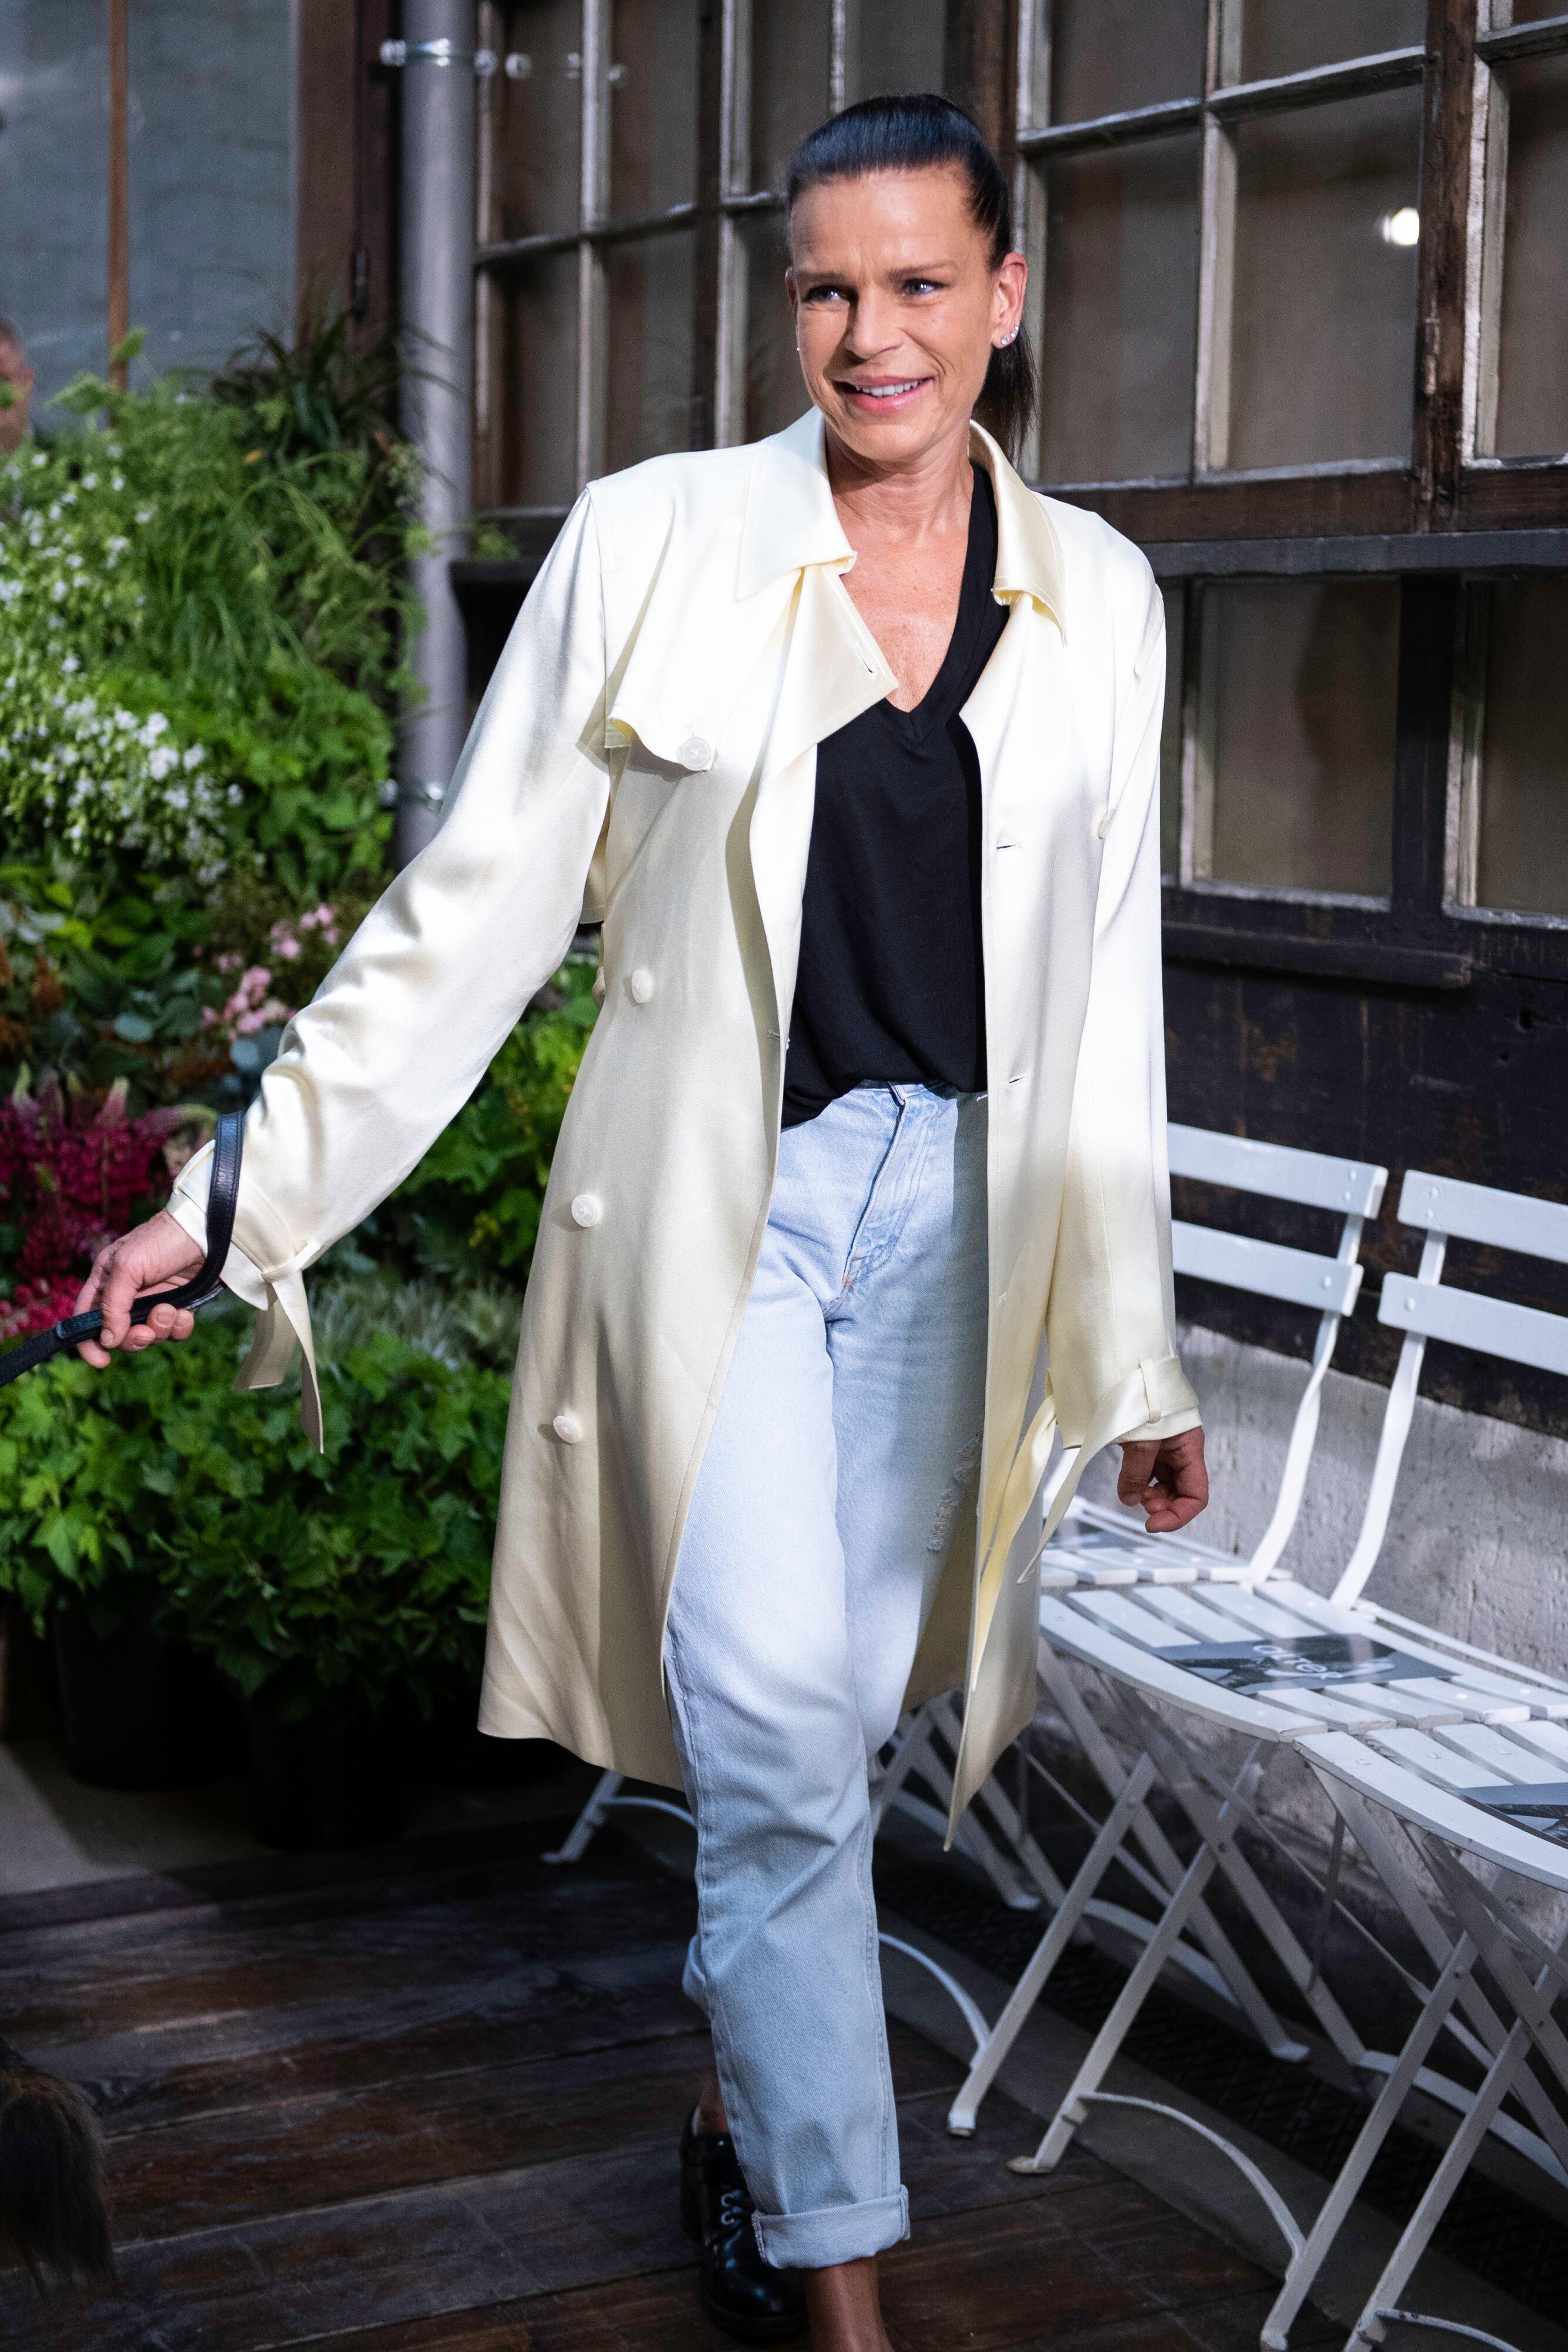 Stéphanie de Monaco ravissante dans un manteau blanc | Photo : Getty Images